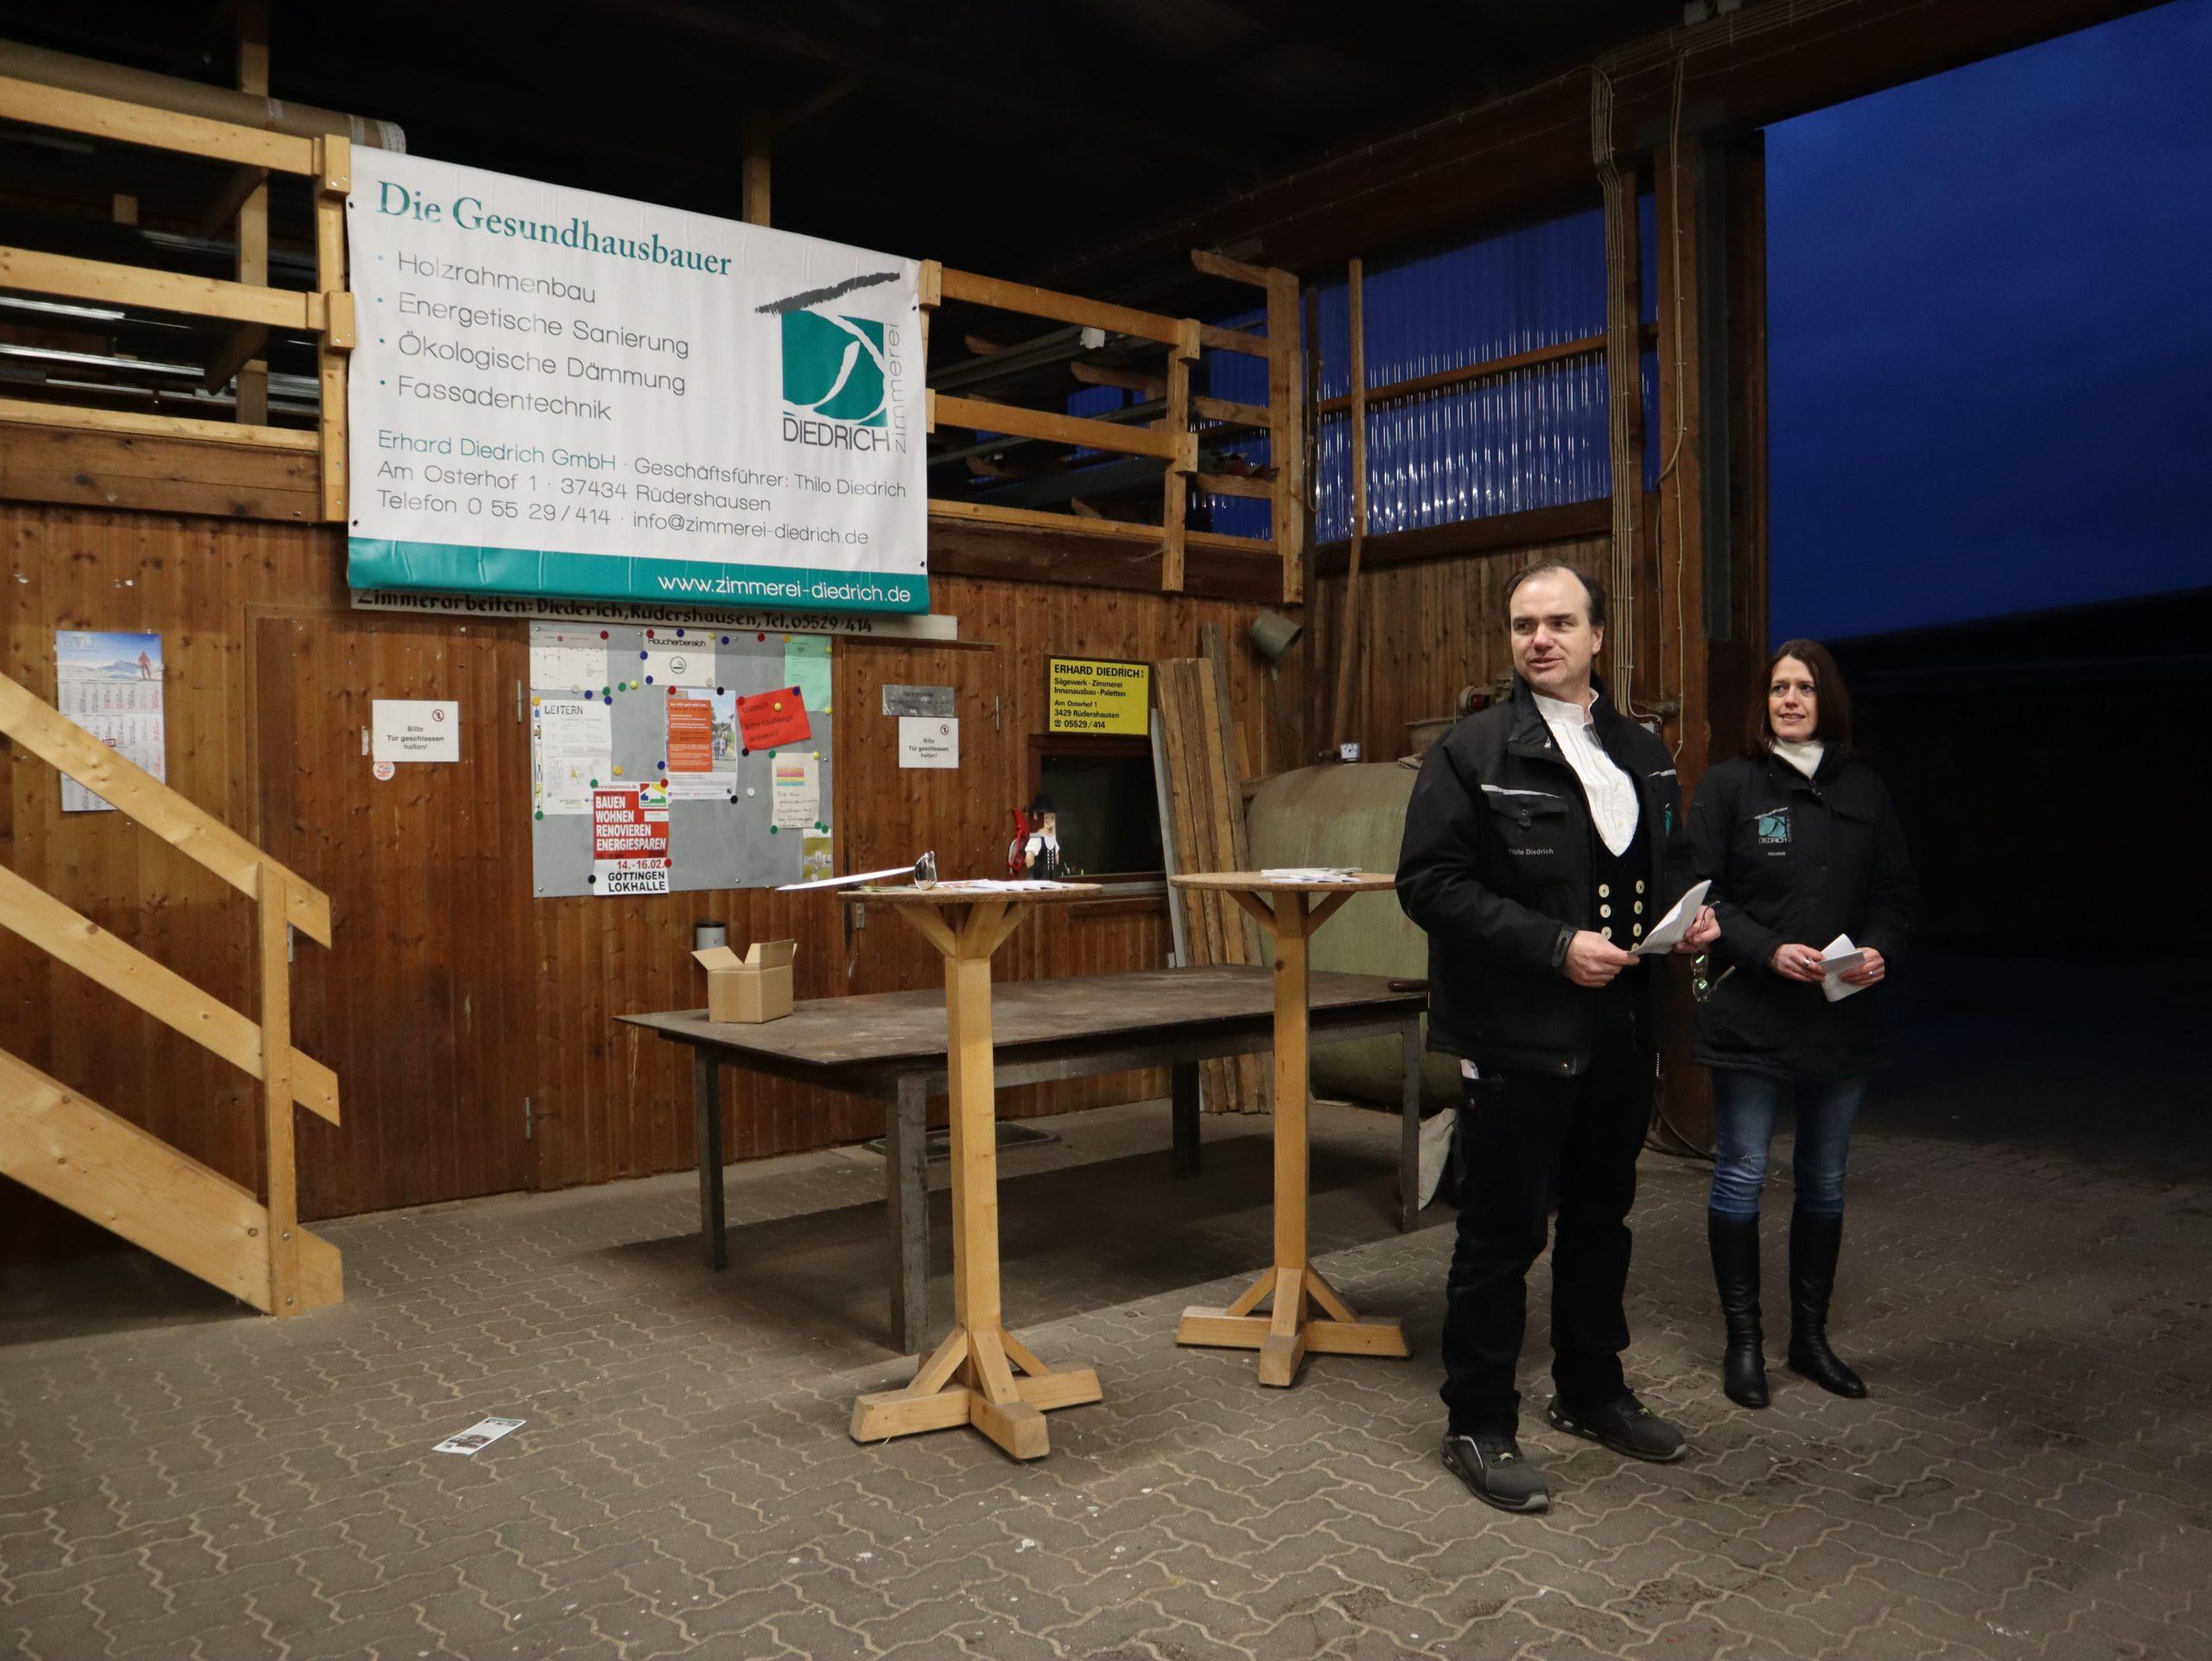 Veranstaltung mit der Zimmerei Diedrich in Rüdershausen